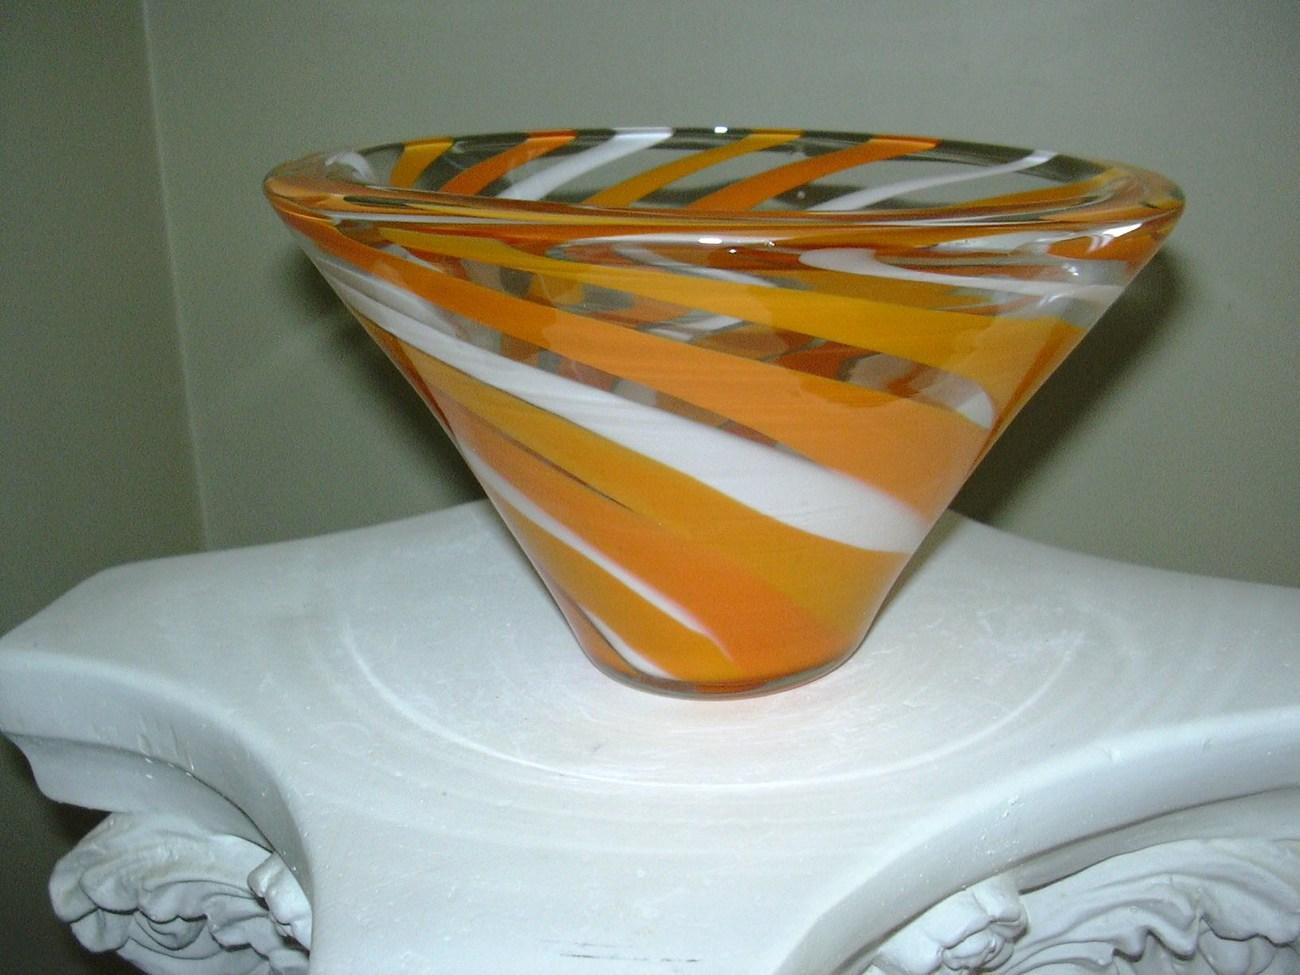 Art glass 090110 012